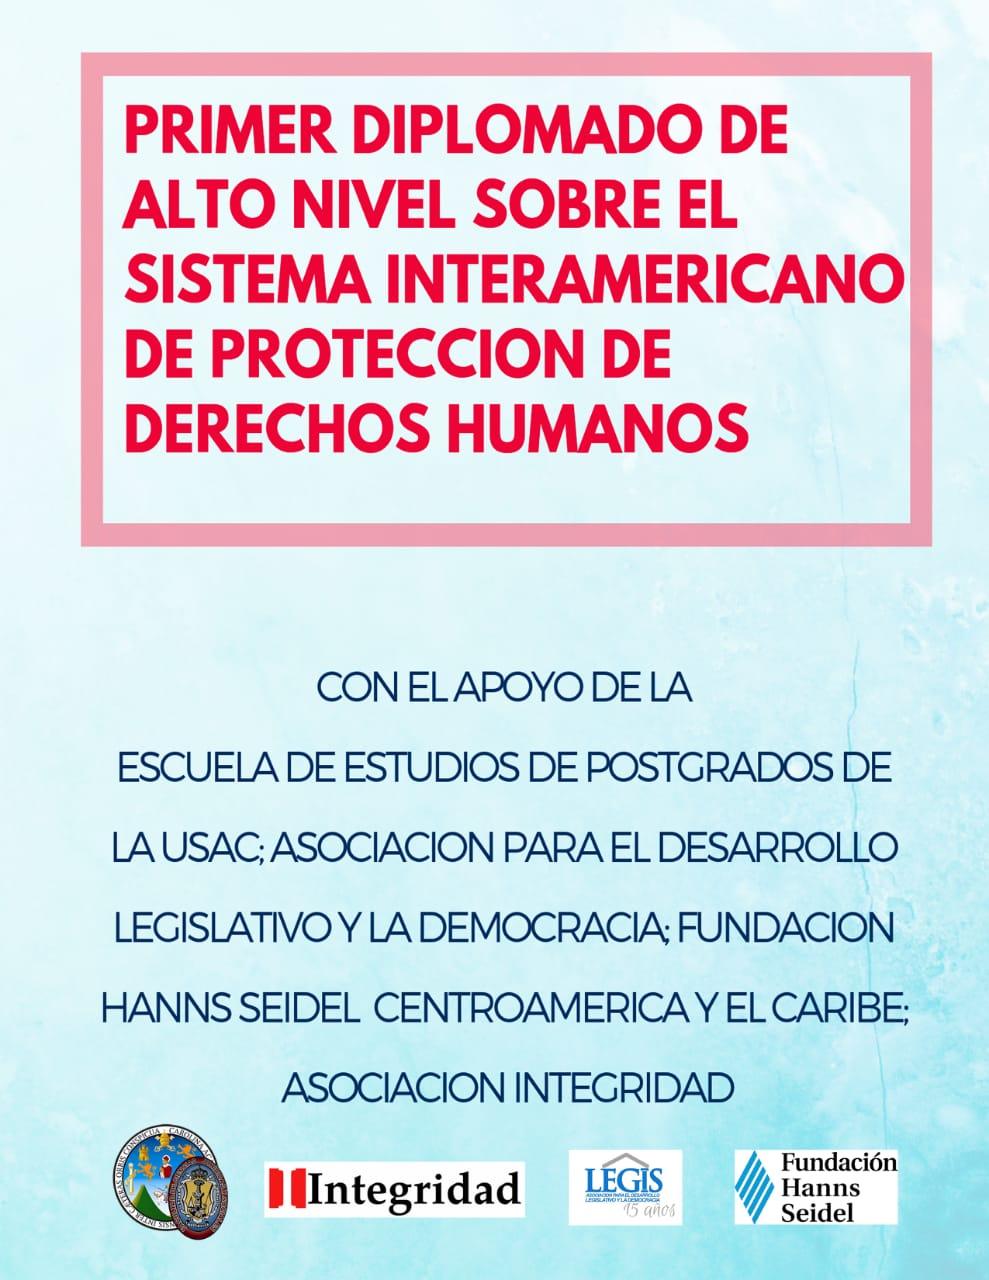 Primer Diplomado de Alto Nivel sobre el Sistema Interamericano de Protección de Derechos Humanos